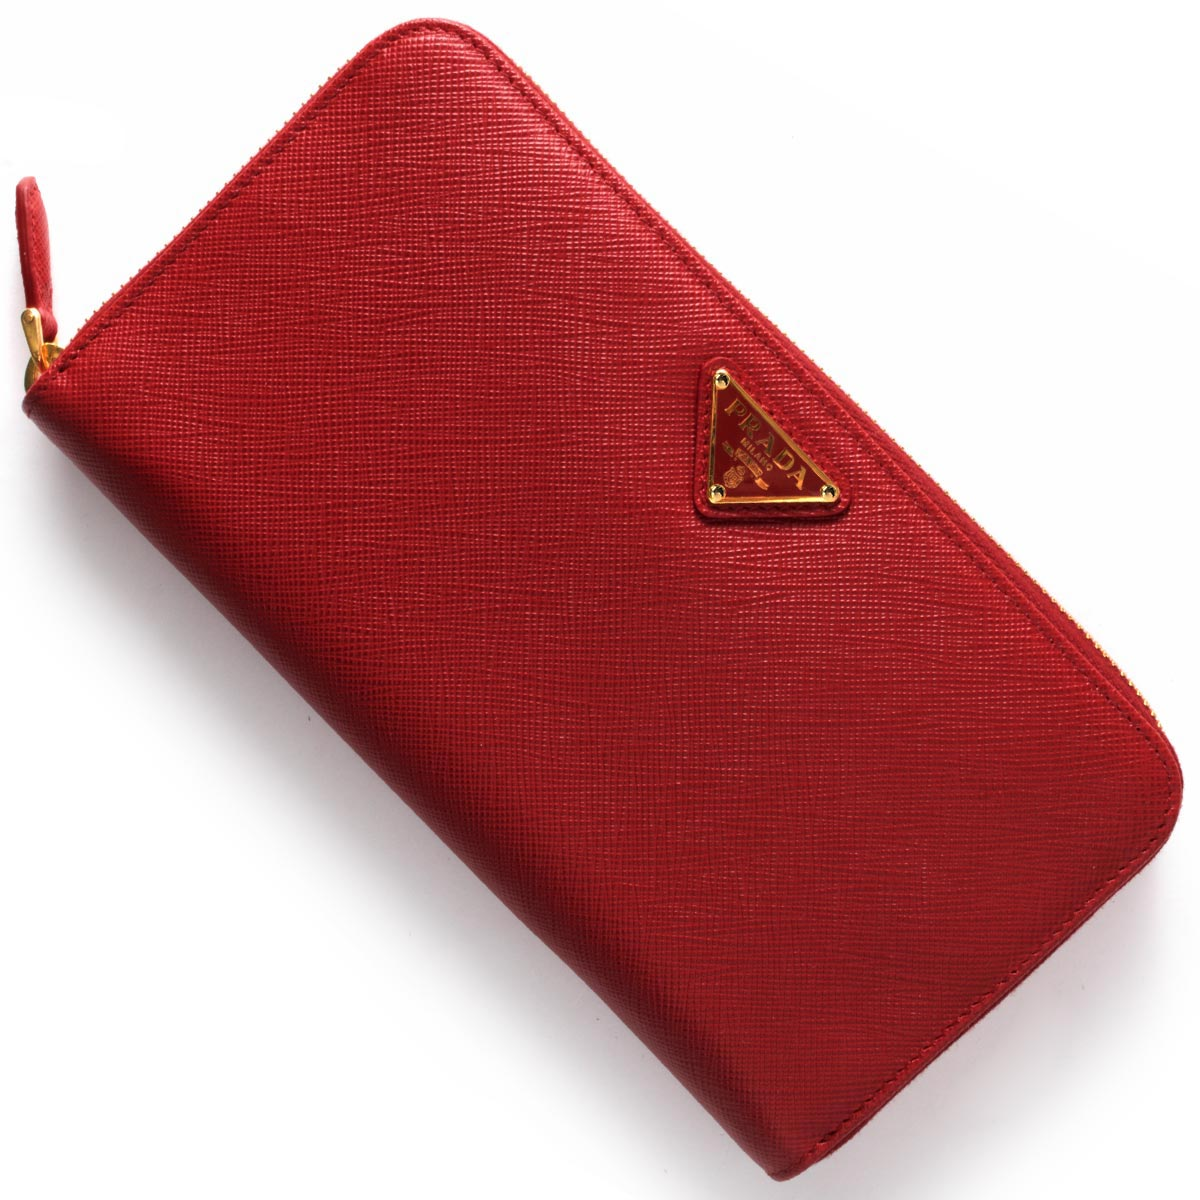 プラダ 長財布 財布 レディース SAFFIANO TRIANG 三角ロゴプレート フォーコレッド 1ML506 QHH F068Z PRADA